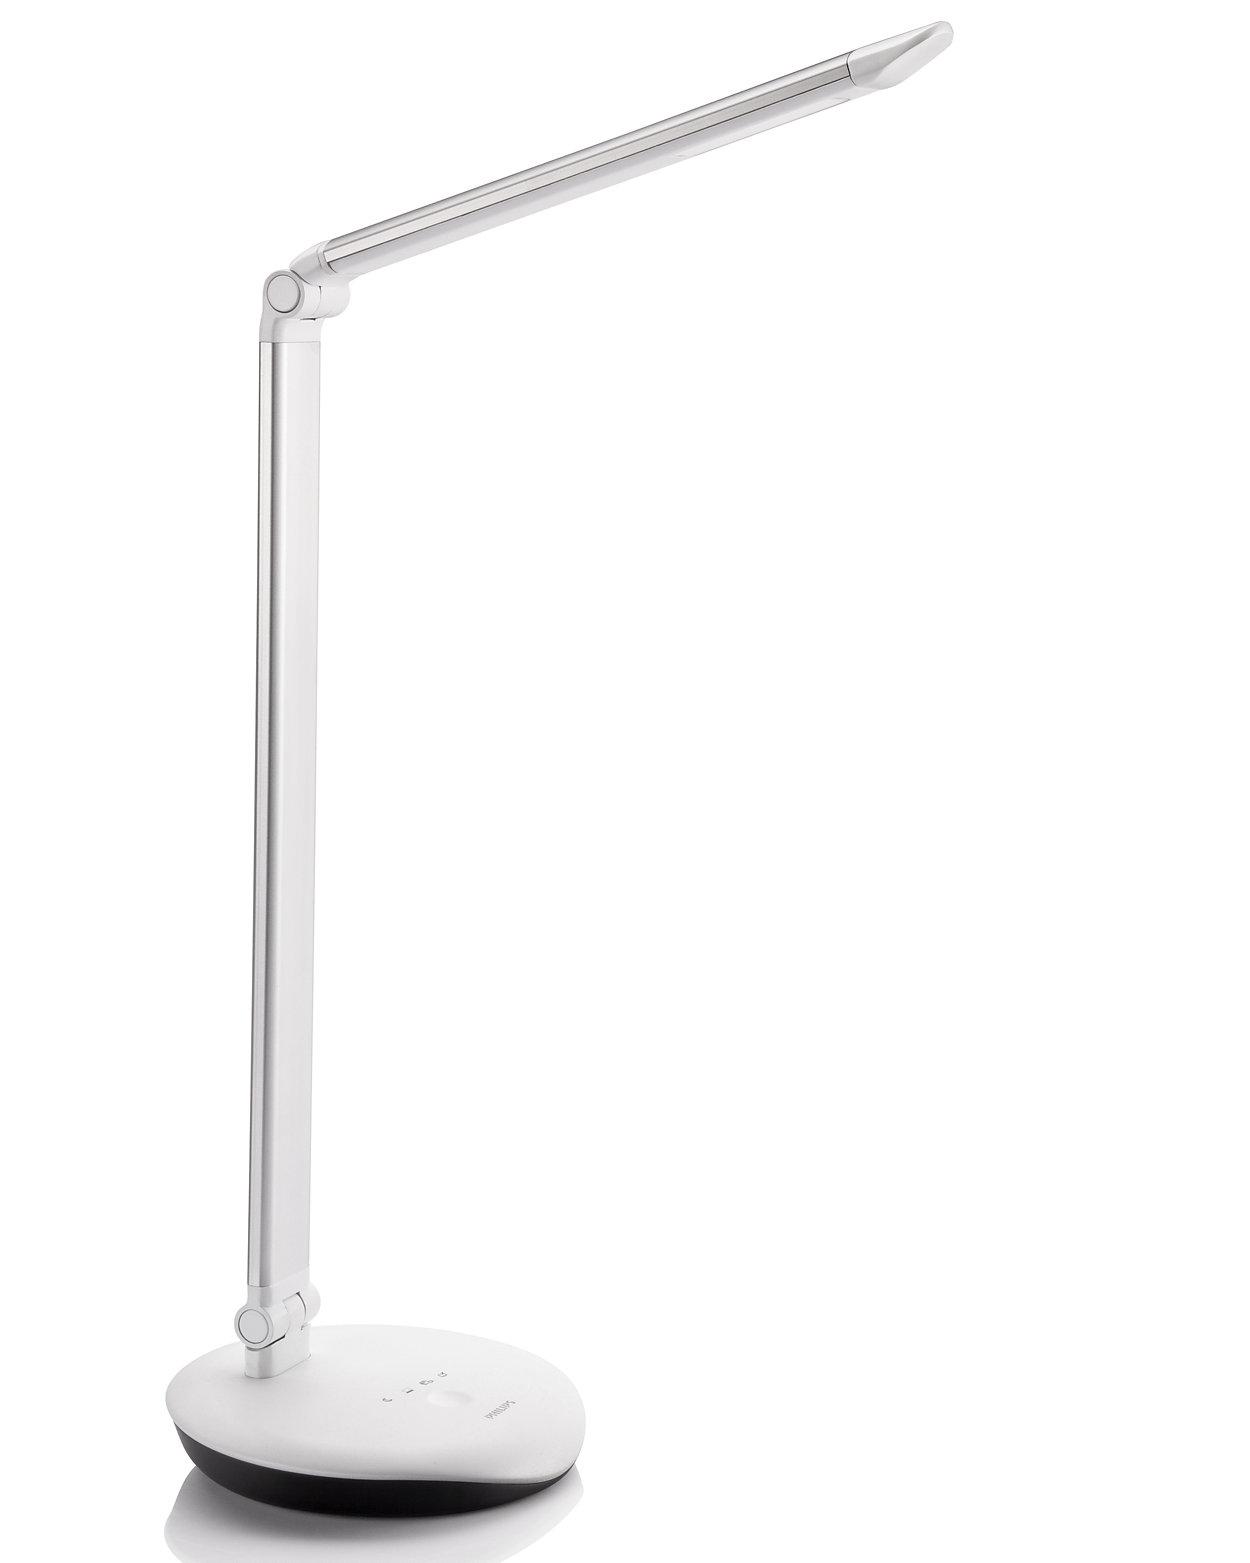 spolehlivé stolní osvětlení